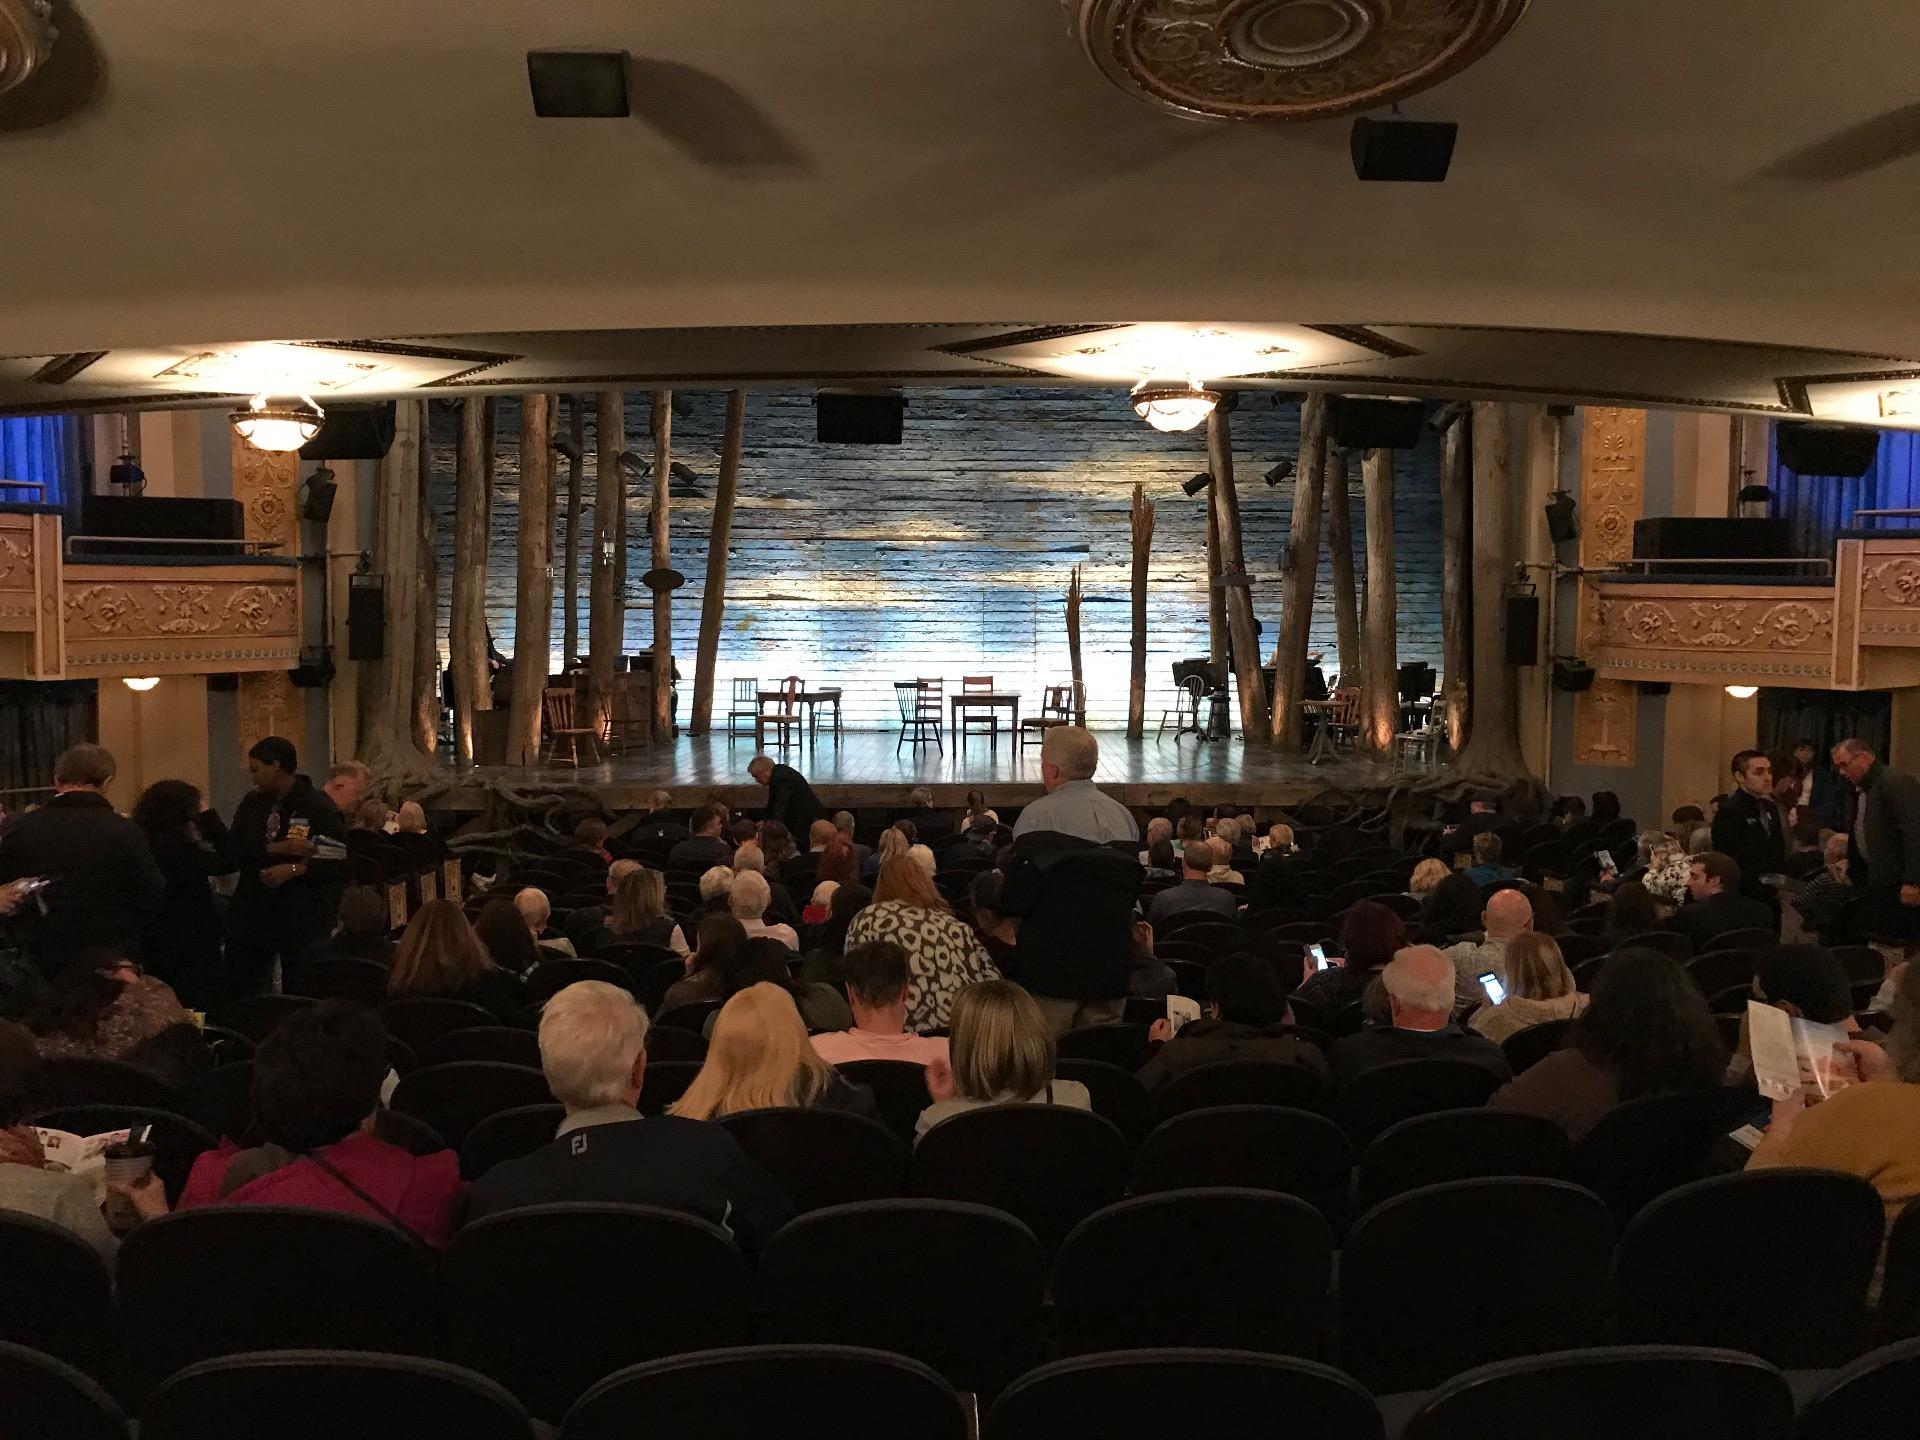 Gerald Schoenfeld Theatre Section Standing Room Row SRO Seat 104